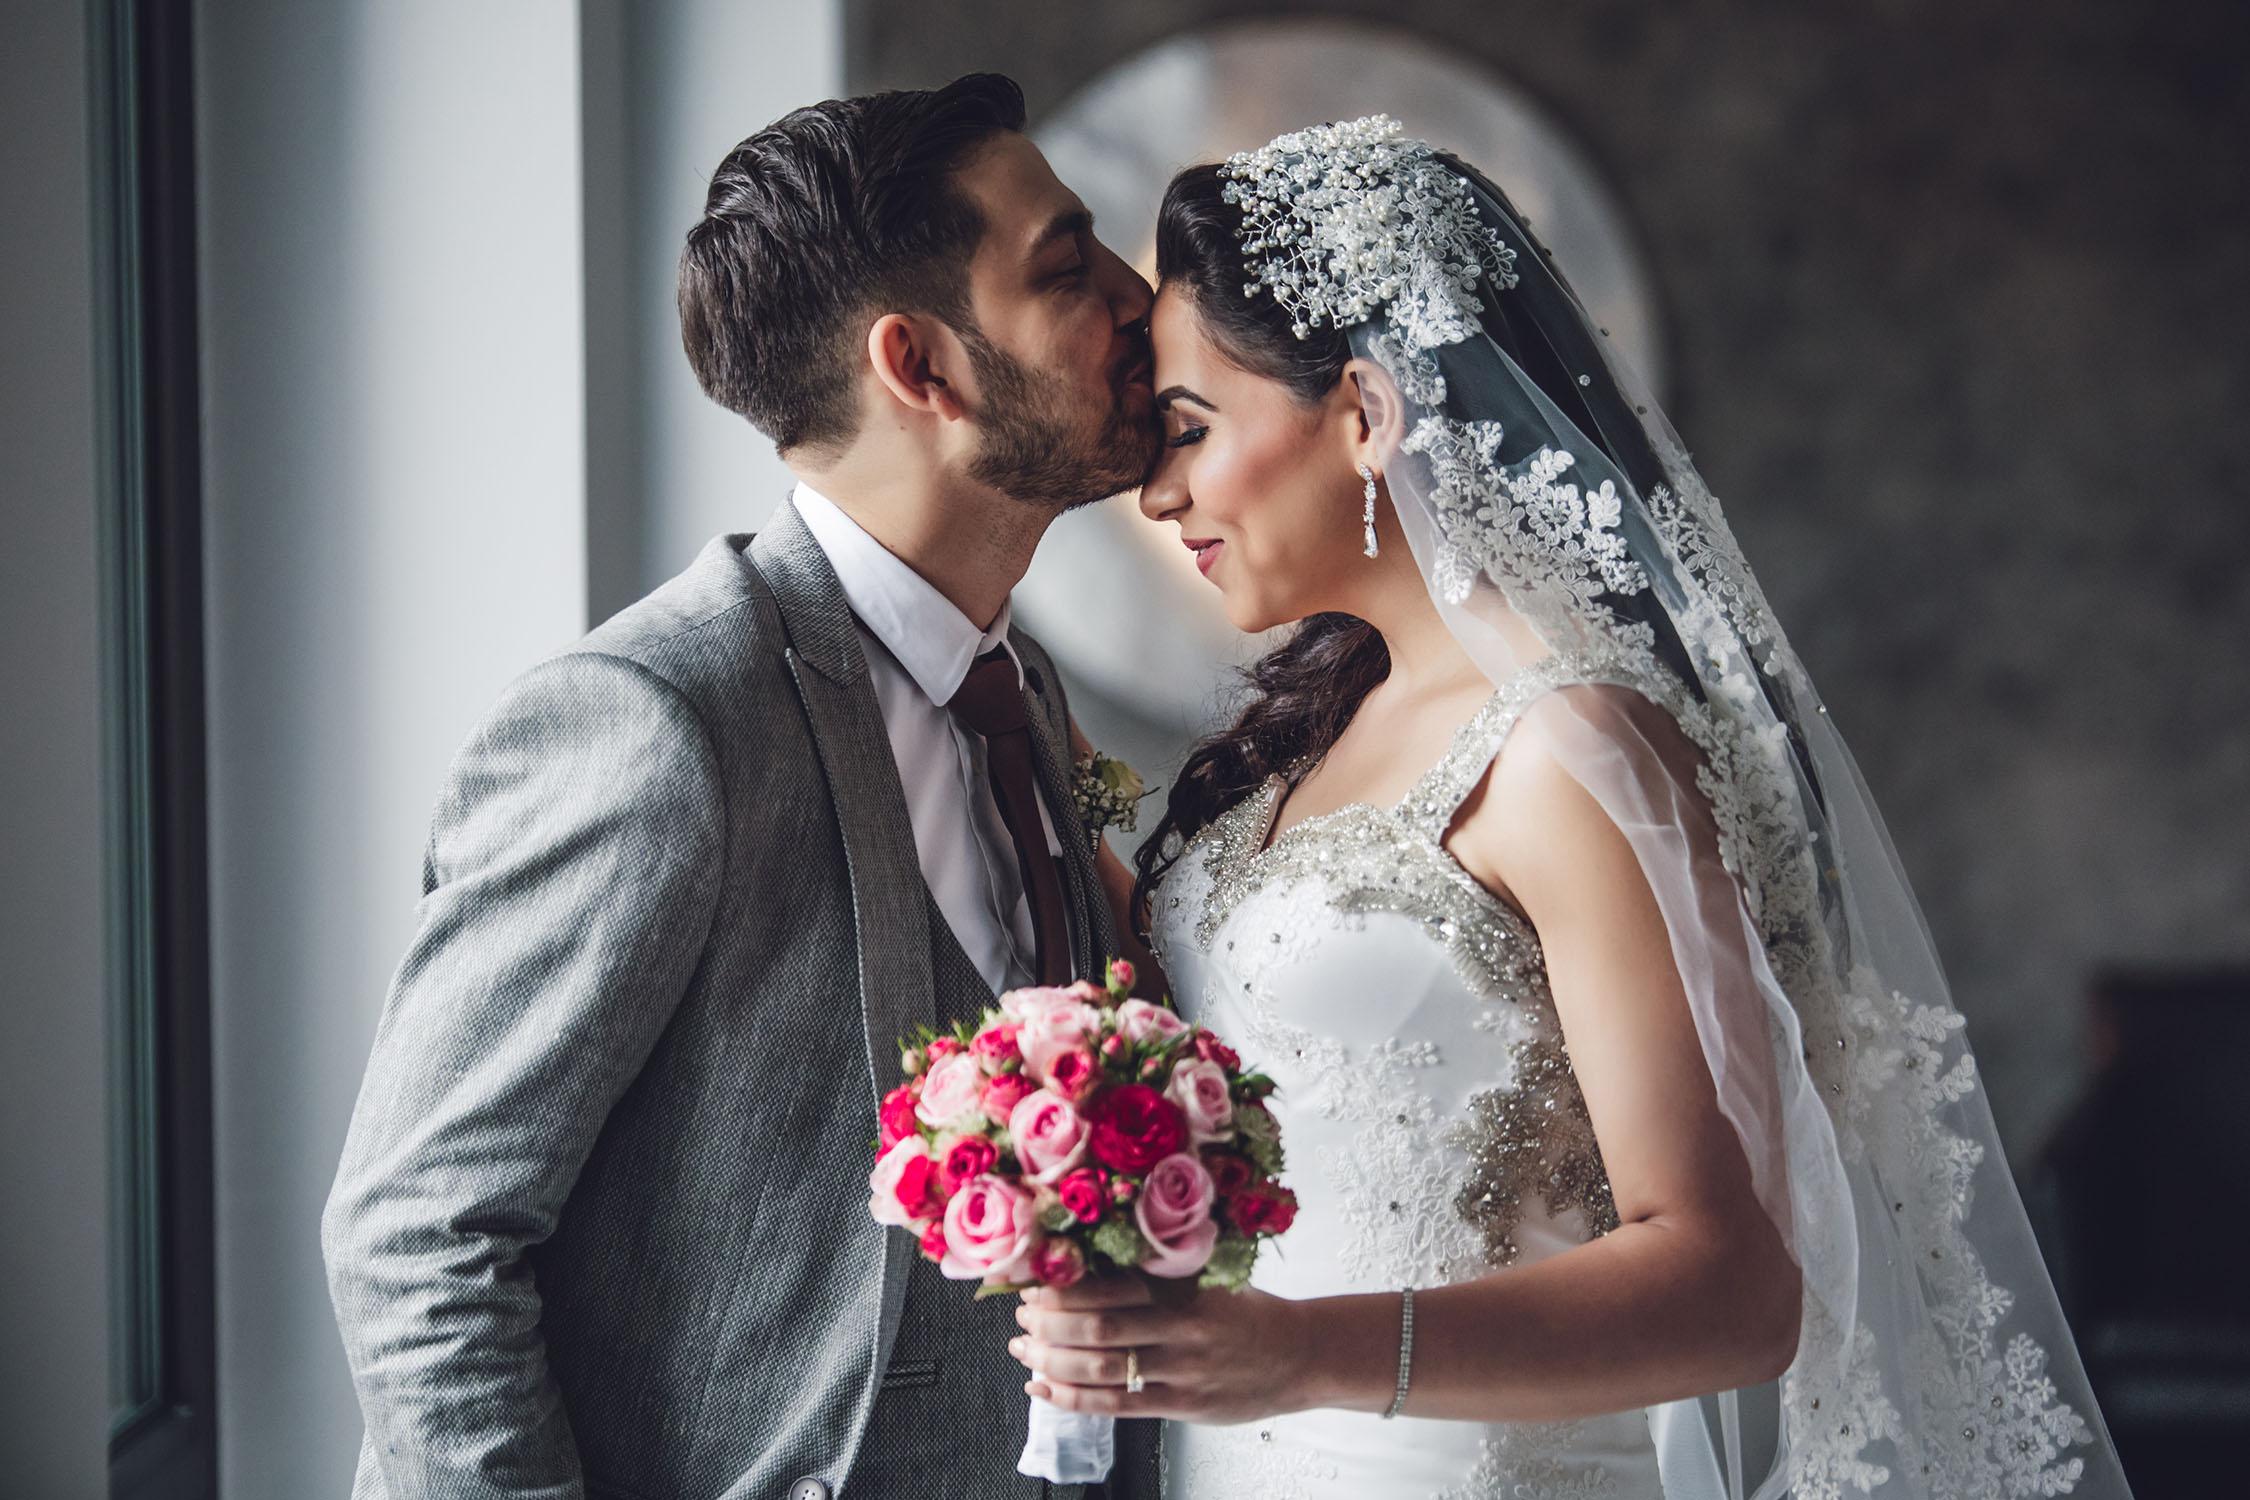 Bräutigam, der seine Braut küsst.jpg